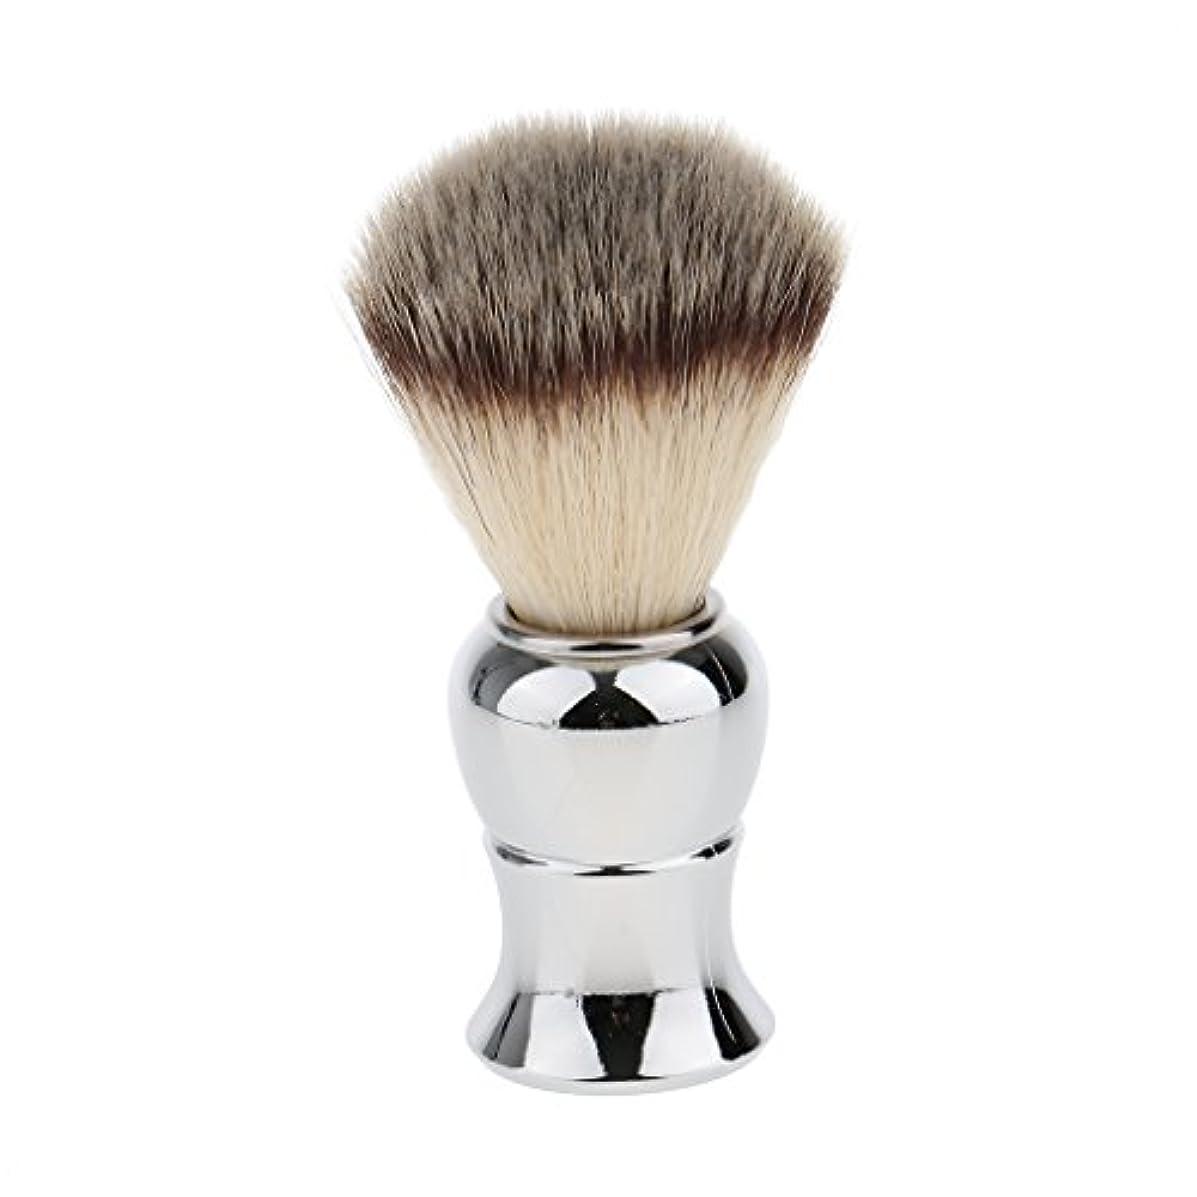 記念日アリス鳴らすKesoto メンズ シェービングブラシ ソフト ナイロン 合金ハンドル シェービング ブラシ サロン 髭剃りツール